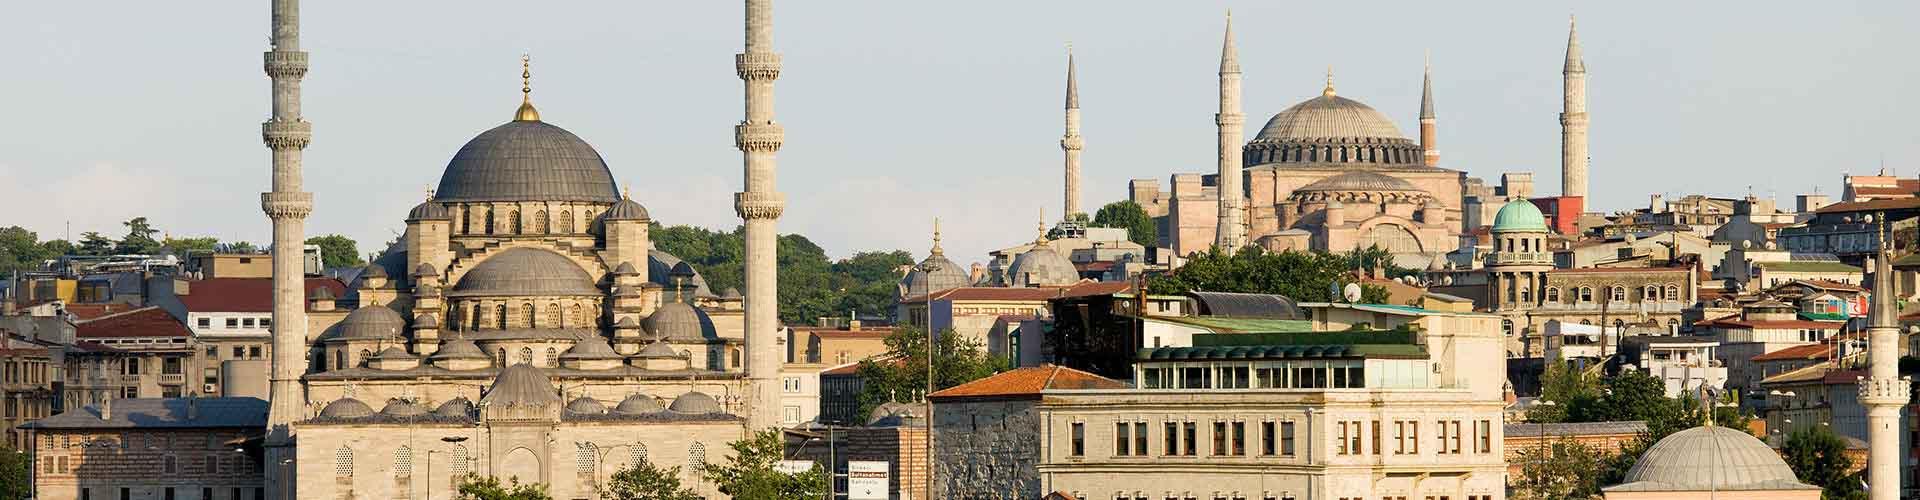 伊斯坦布尔 – 阿塔图尔克国际机场附近的宾馆。伊斯坦布尔地图,伊斯坦布尔每间宾馆的照片和评价。